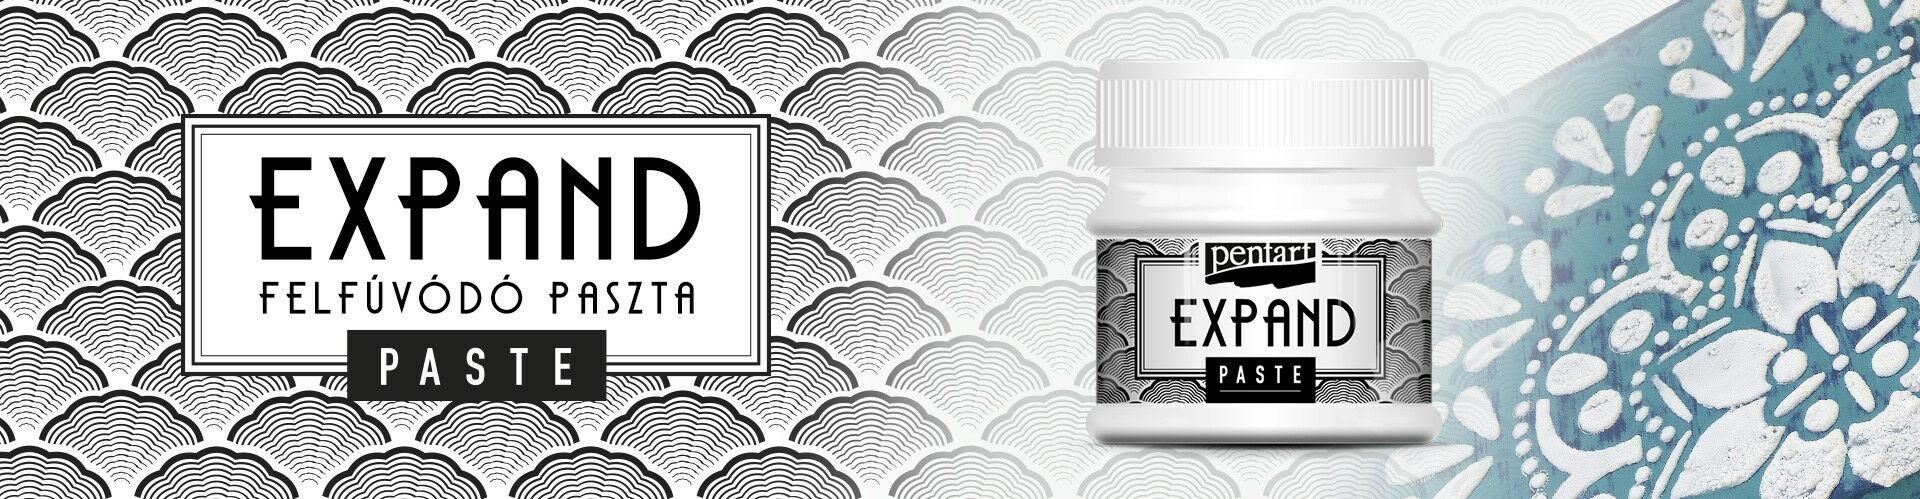 expand_paszta